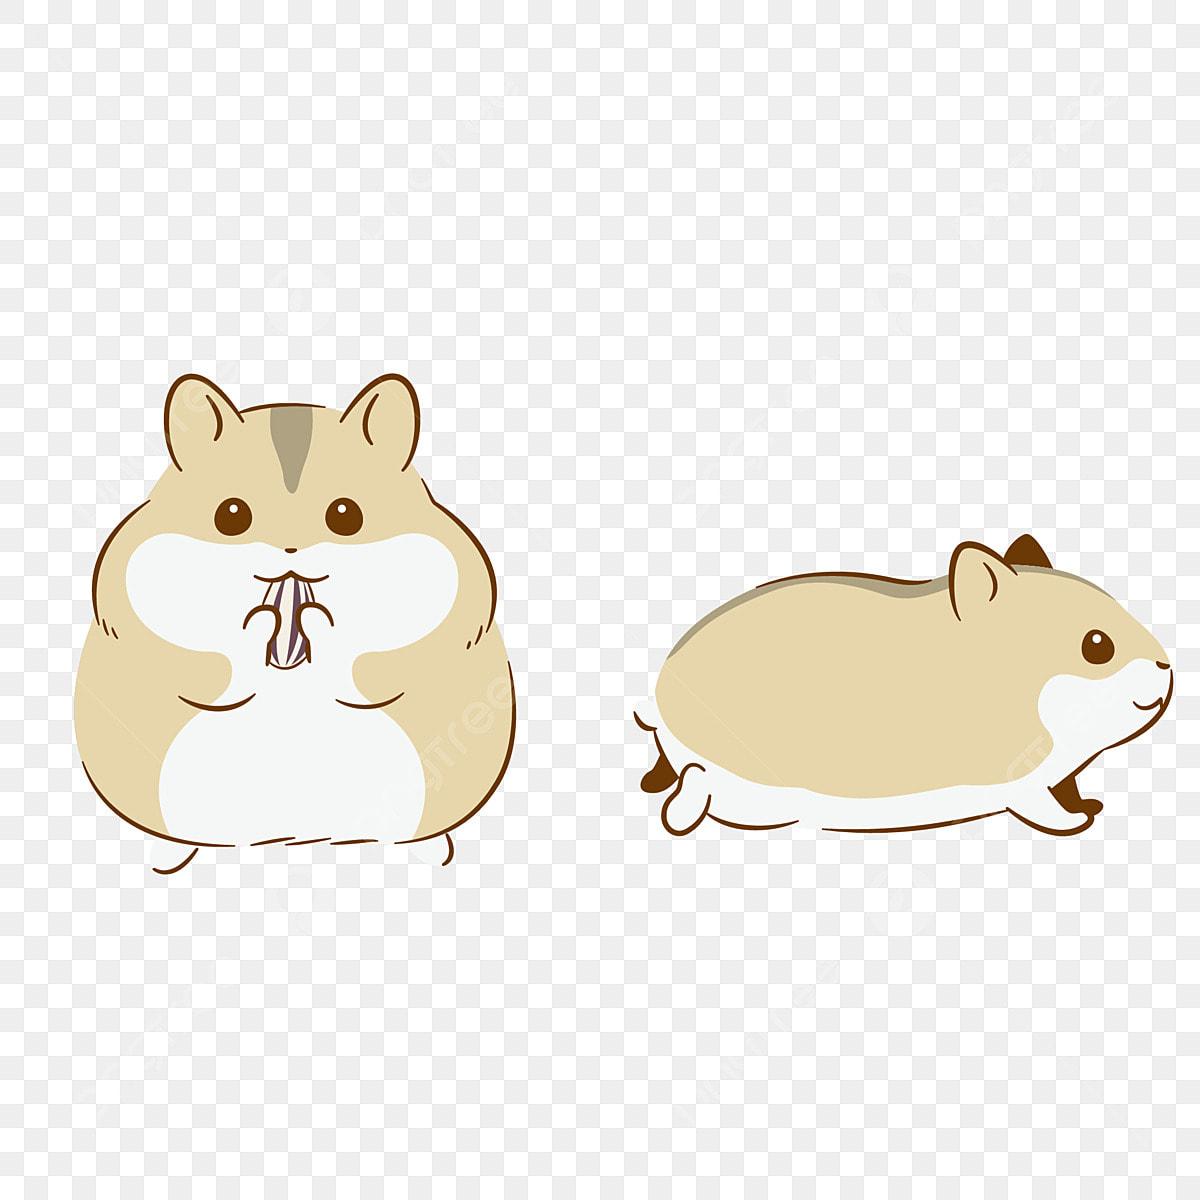 Dessin Anime Mignon Hamster Image Dessinee A La Main Clipart Hamster Hamster Ai Image De Dessin Anime Dessine A La Main Hamster Png Et Vecteur Pour Telechargement Gratuit